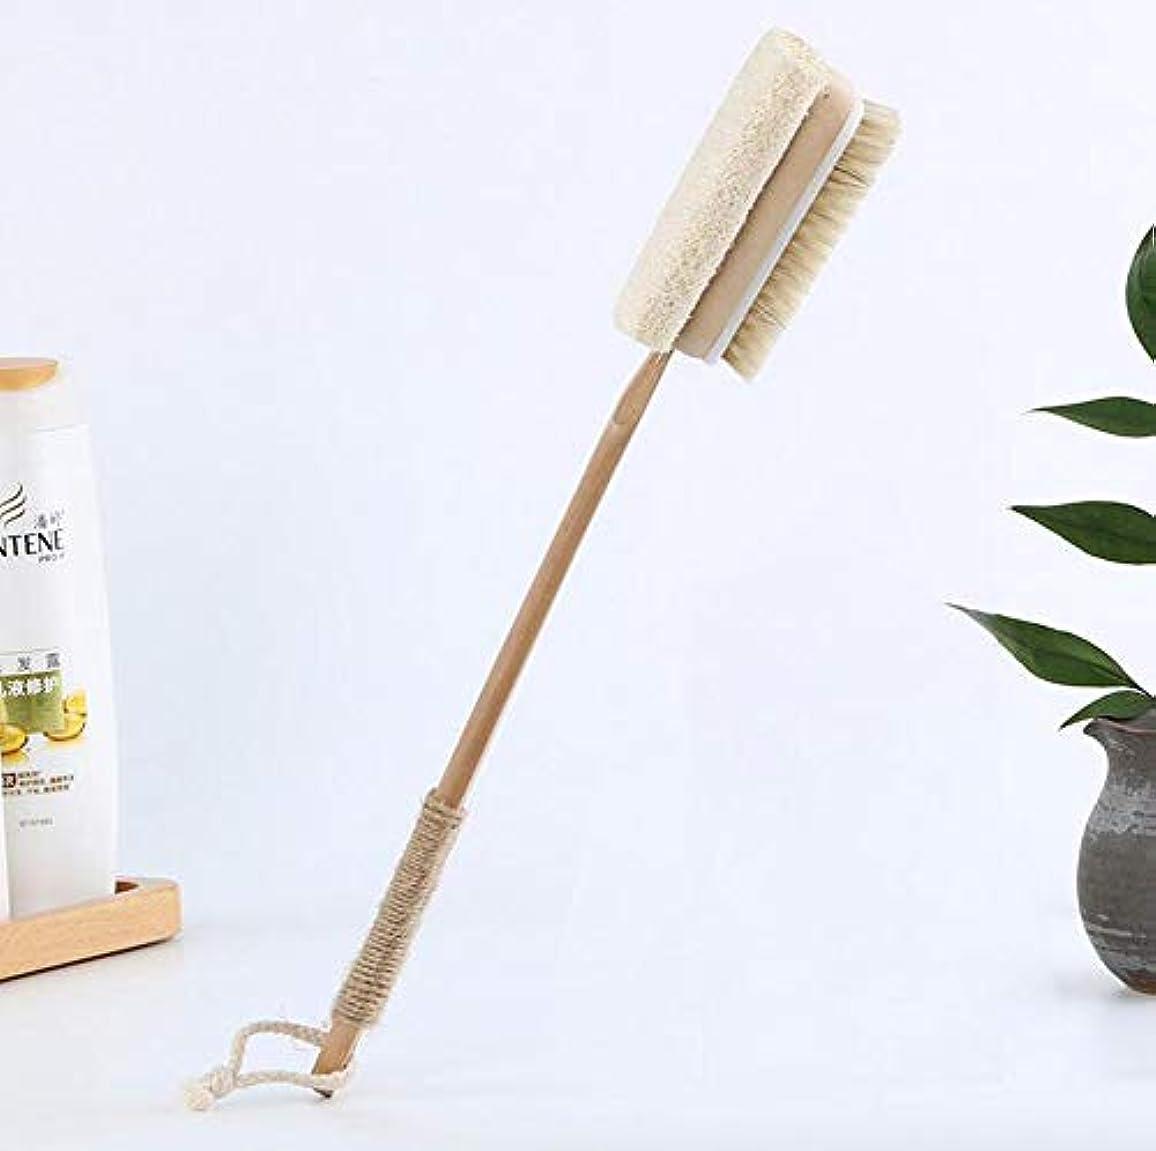 スペイン音テンポバスブラシ、長い木製ハンドルドライブラシボディブラシバスブラシ長いハンドル、皮膚やセルライトを剥離するため、ウェットまたはドライ使用